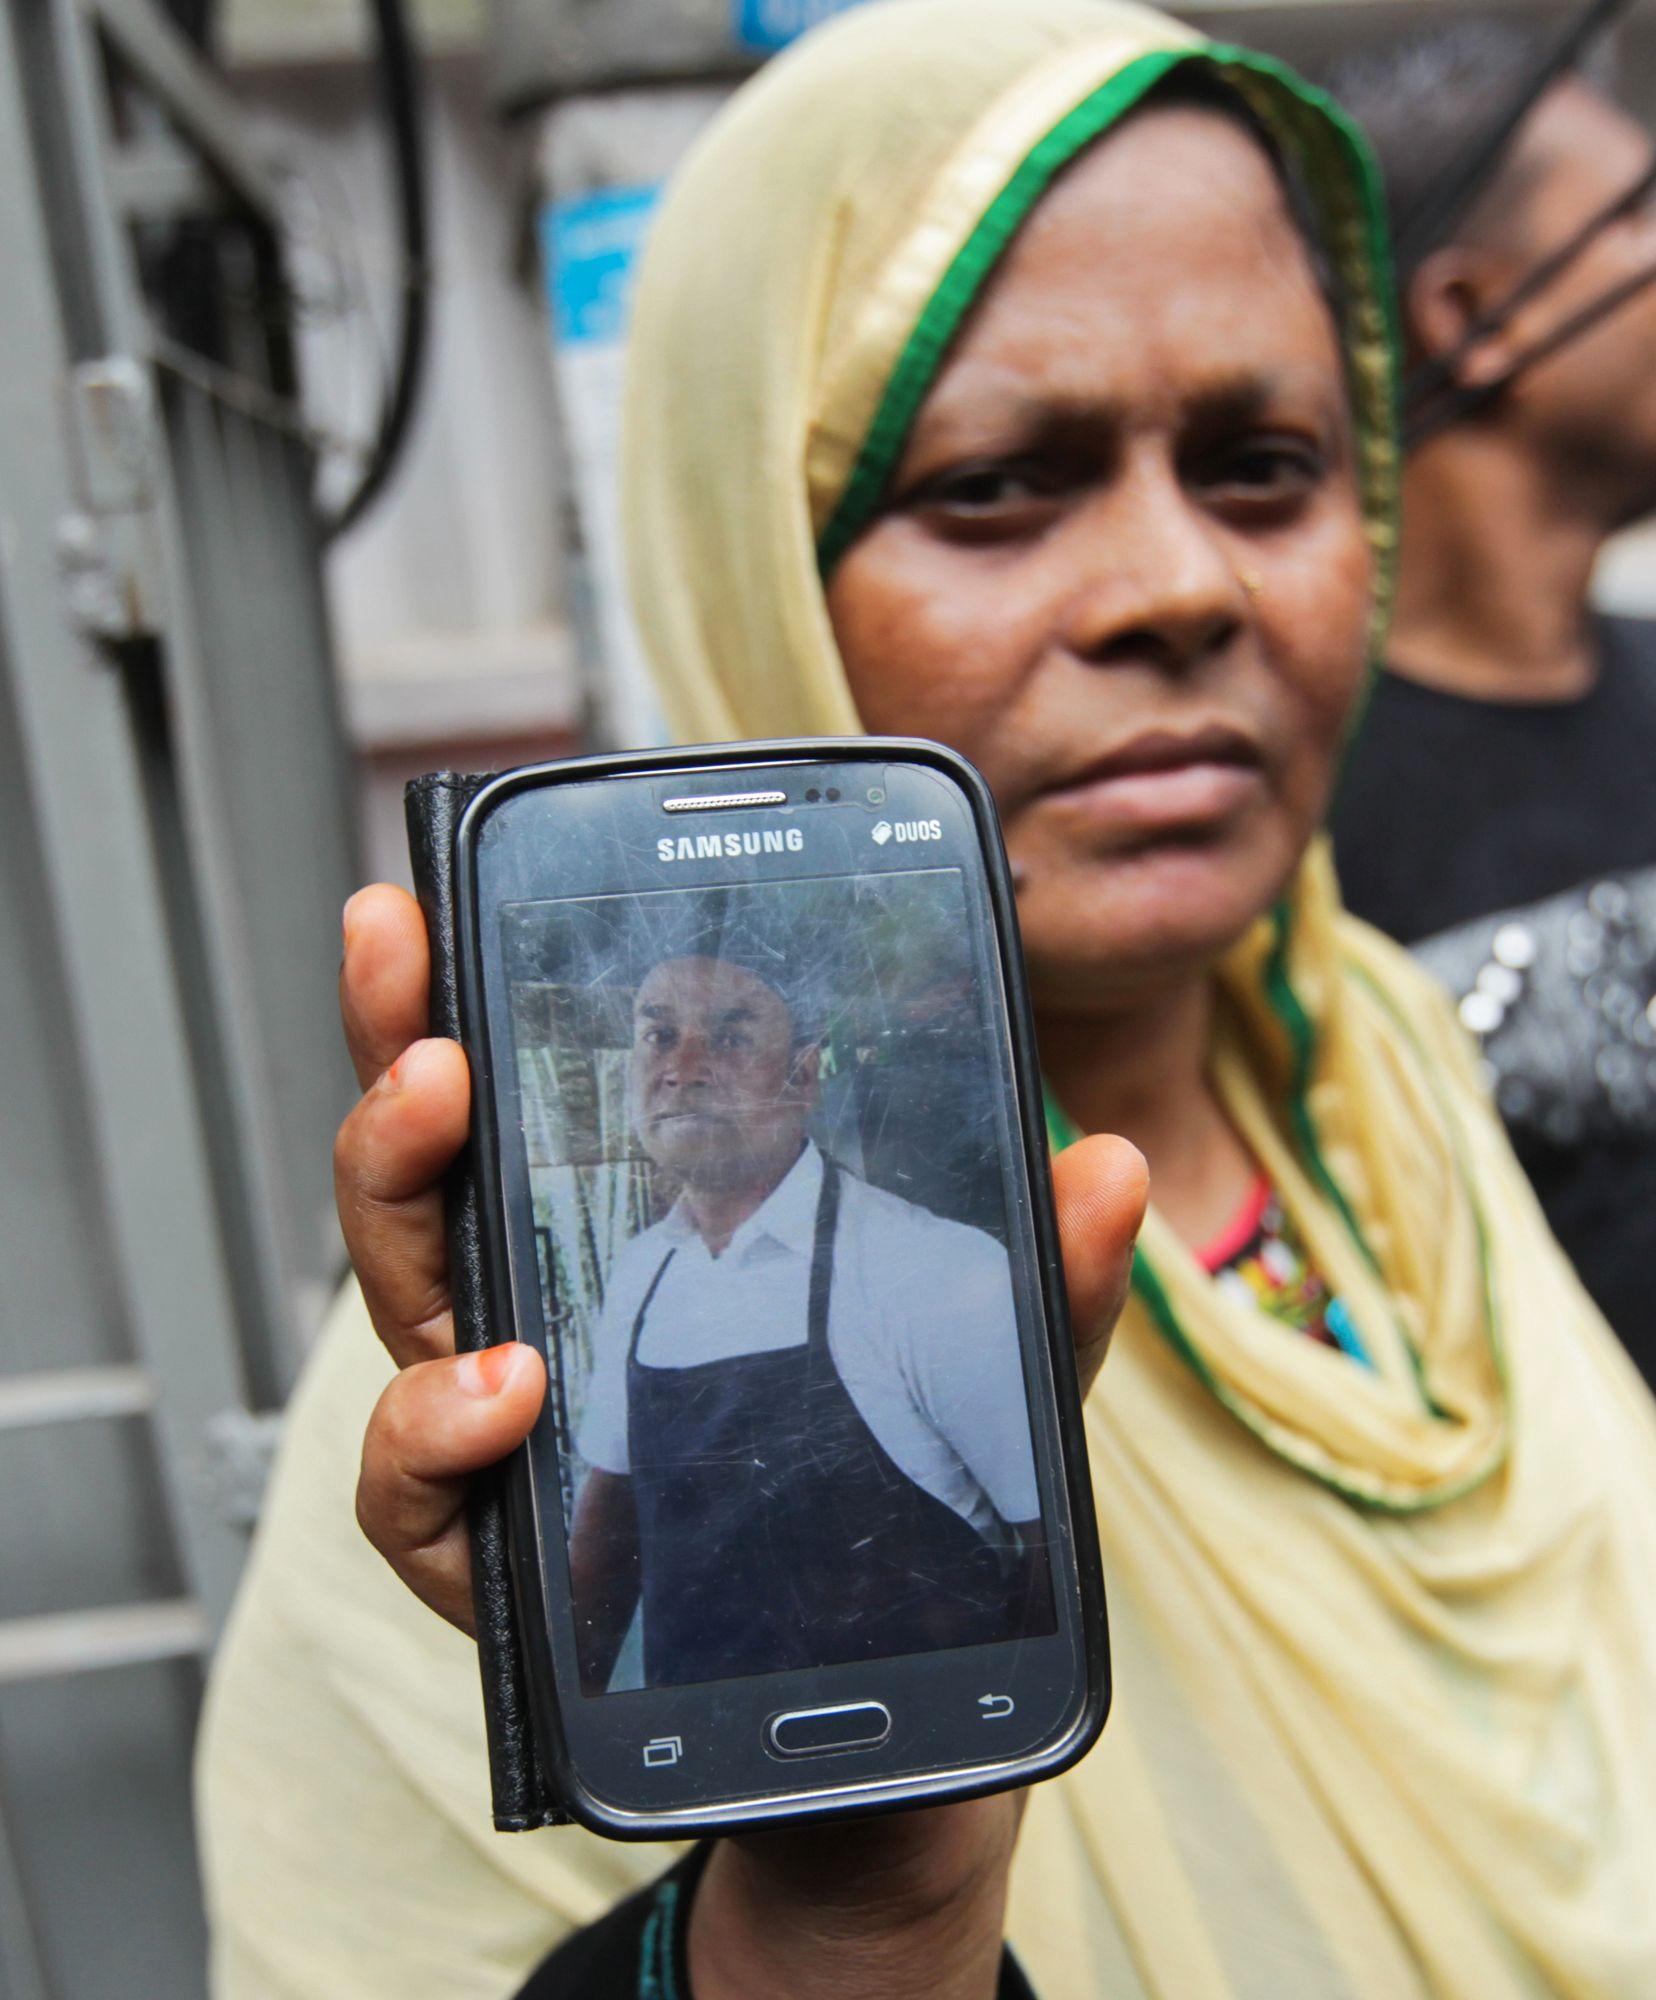 SLEKTNING: Johura Begum viser frem et foto av sin svigerbror Saidul Islam, som jobber på den angrepne restauranten. Islam er savnet.